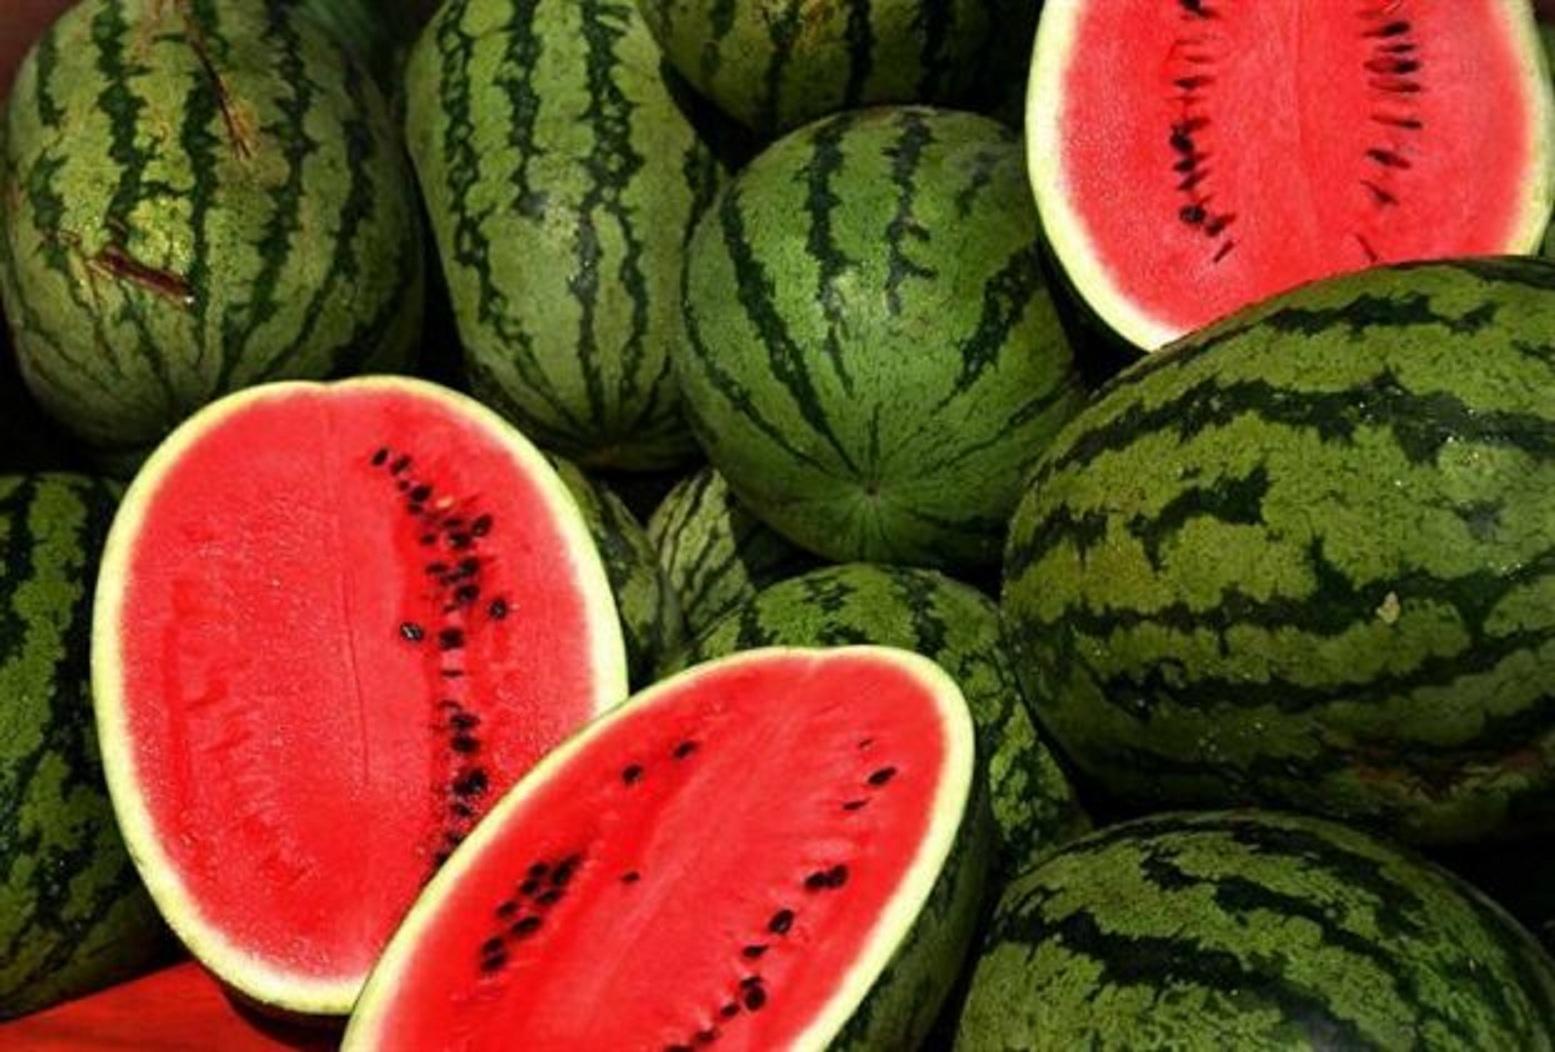 Πιο ζουμερά, πιο γλυκά και πιο θρεπτικά καρπούζια υπόσχονται οι επιστήμονες